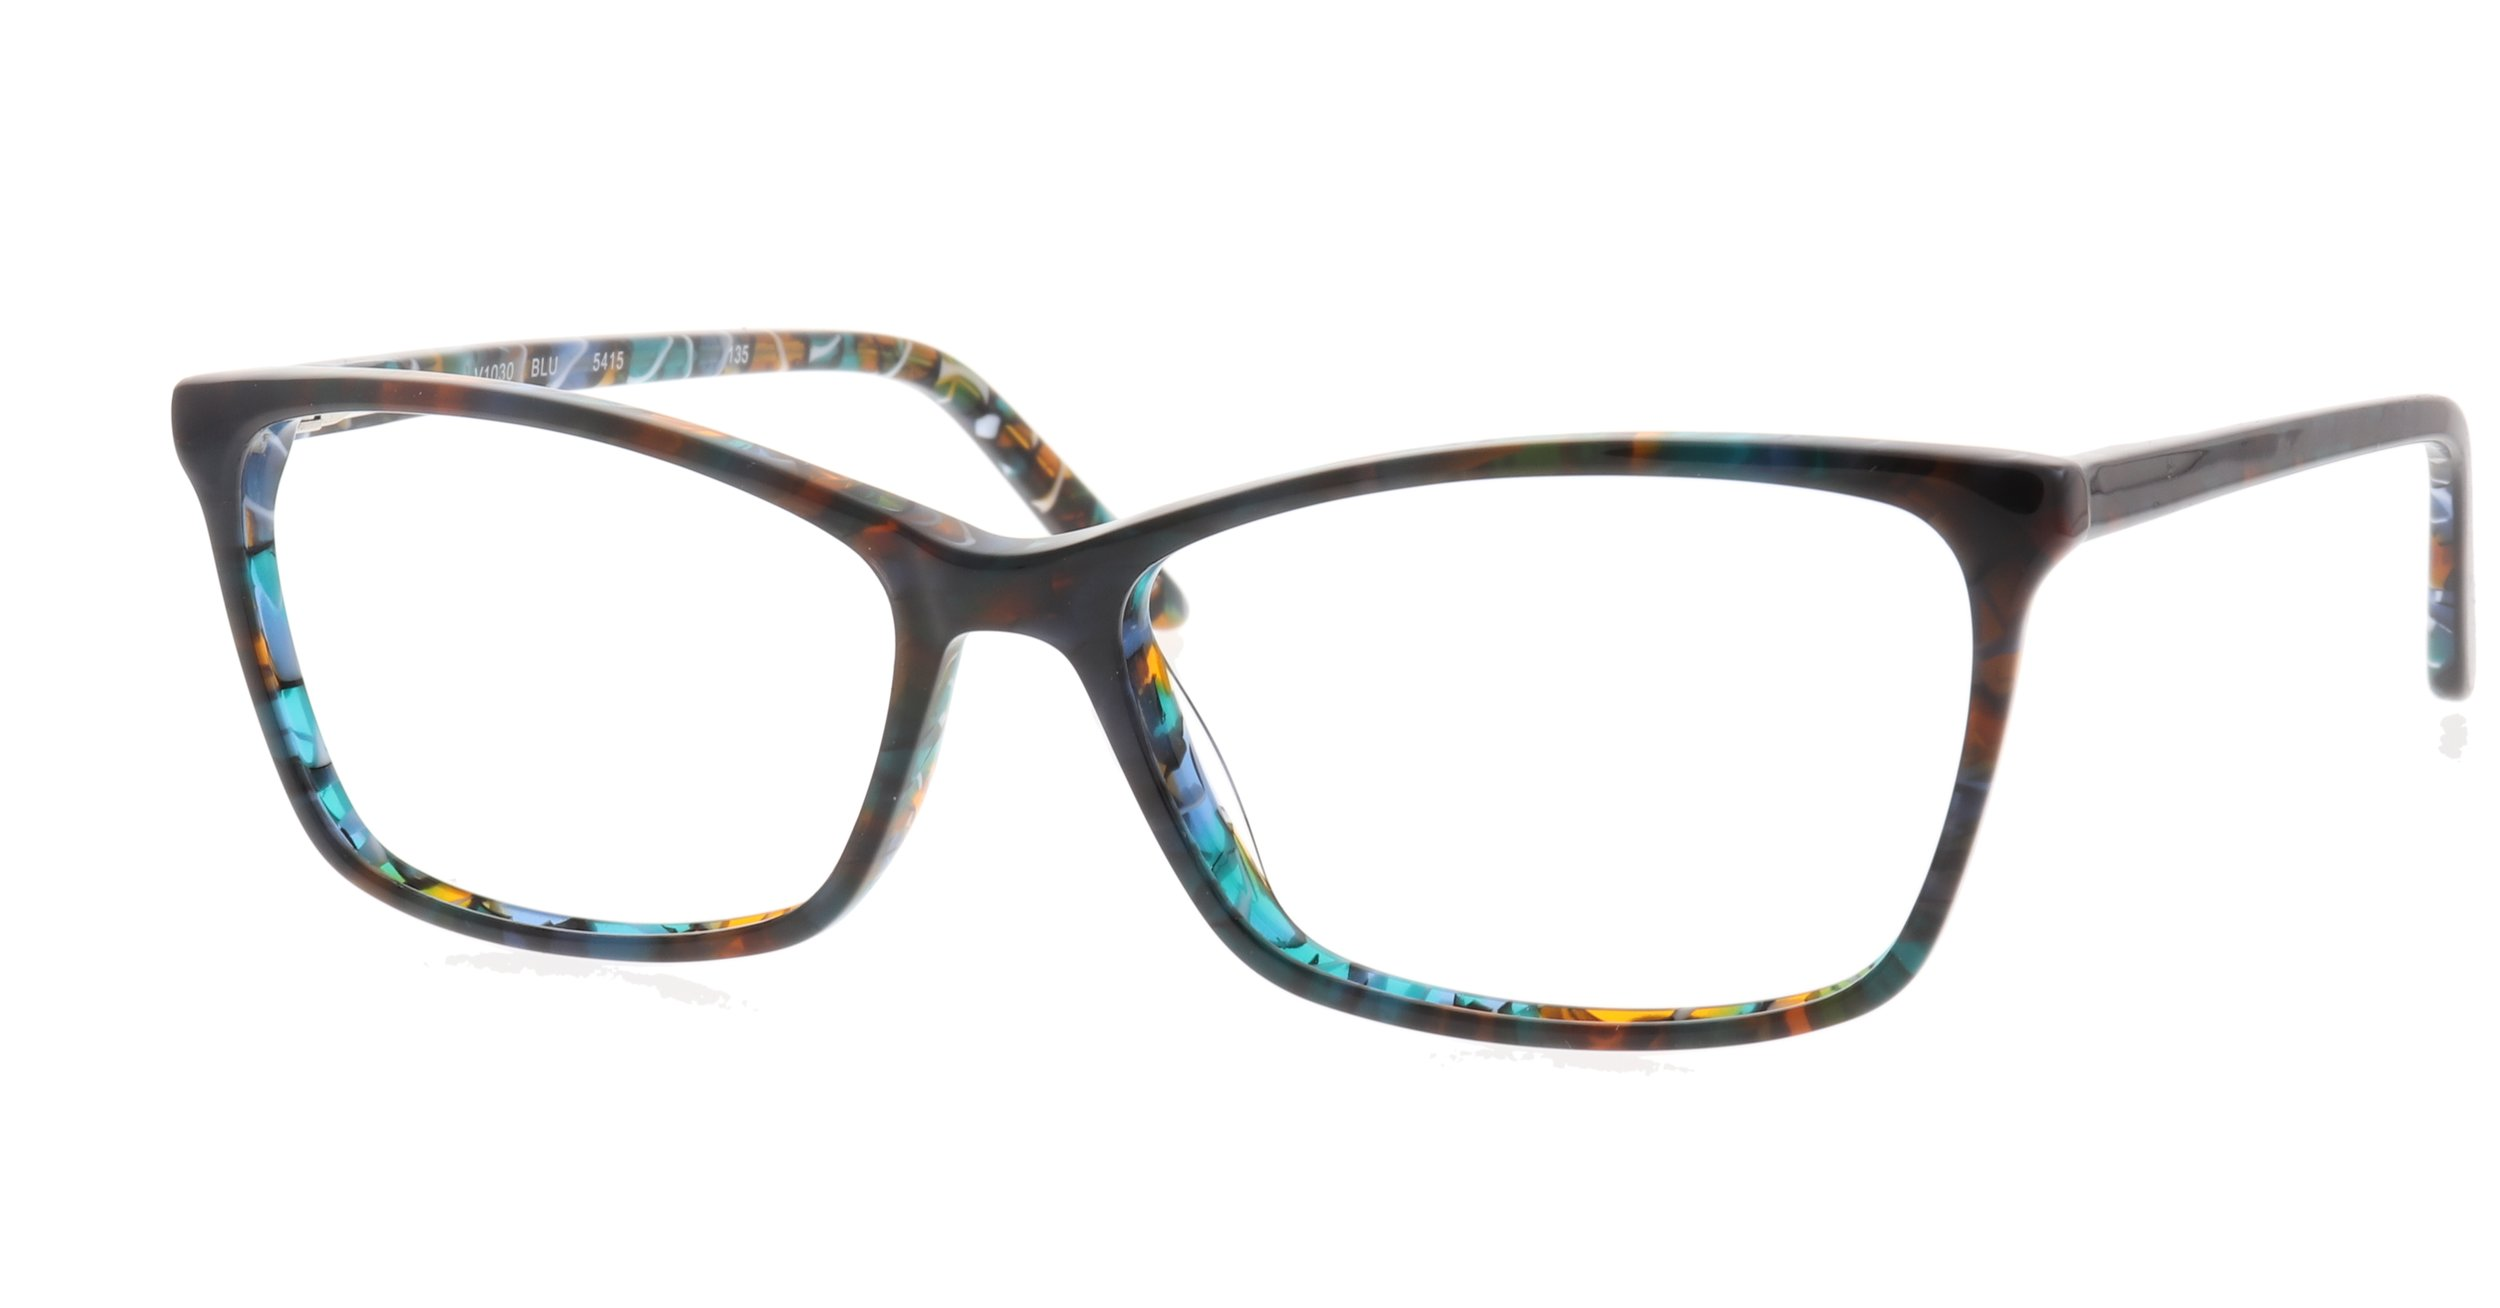 SparePair Eyewear 003.jpg